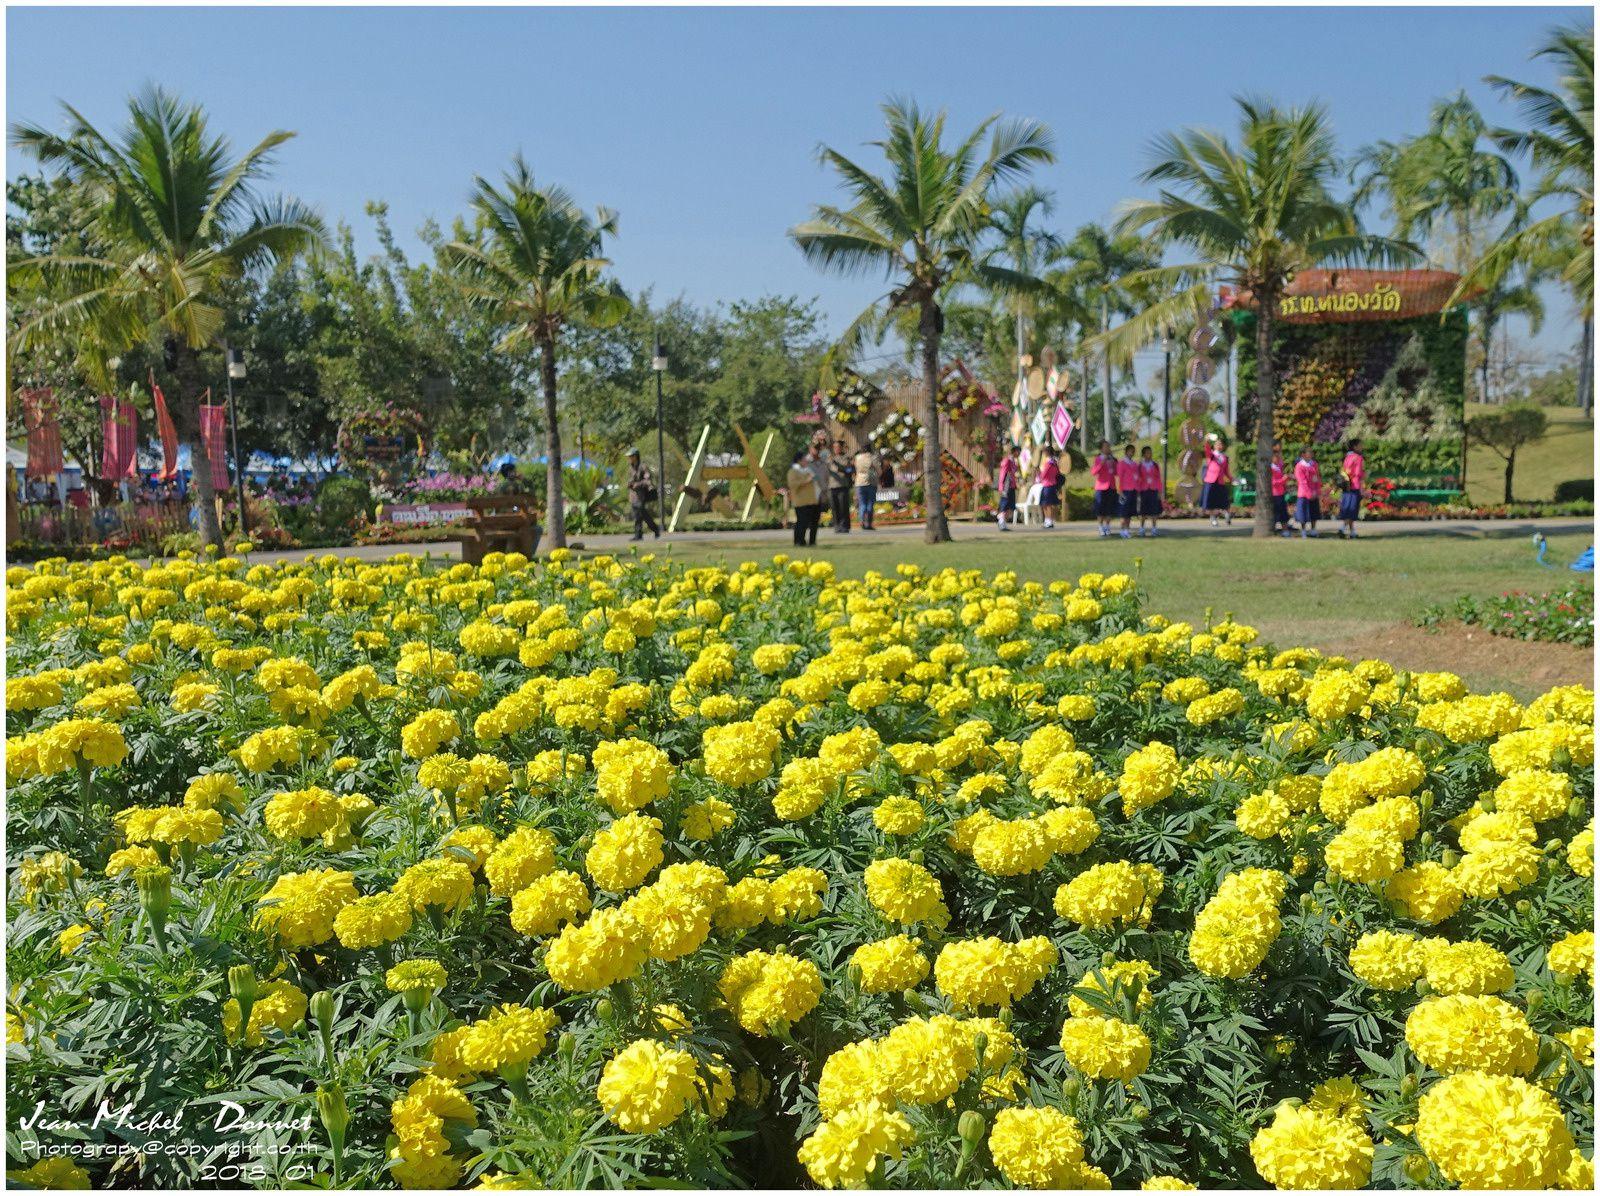 Les floralies de Khon Kaen II (Thaïlande)